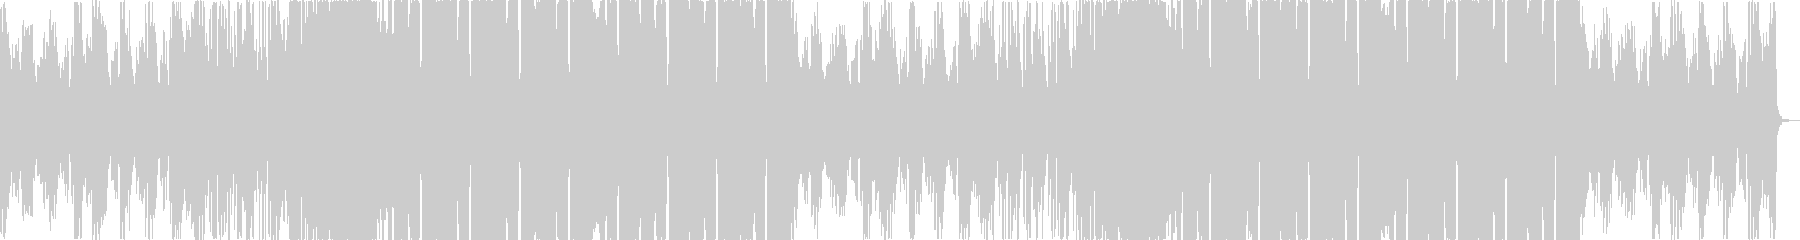 フューチャーベース爽やか洋楽チルアウトaの未再生の波形